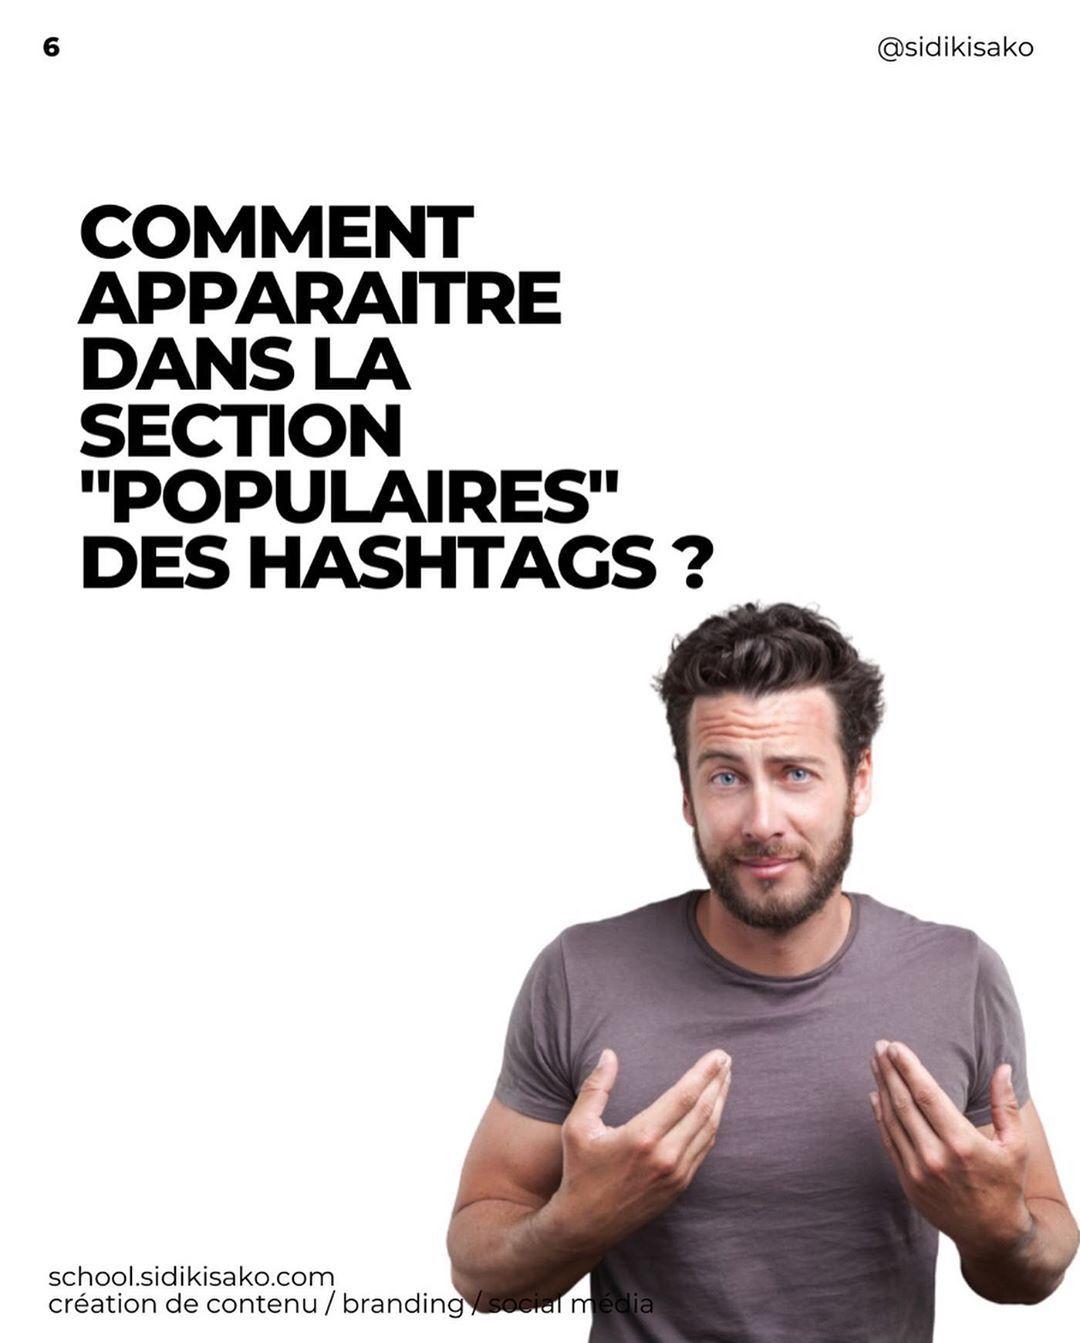 Hashtag régime - Les meilleurs hashtags sur les régimes